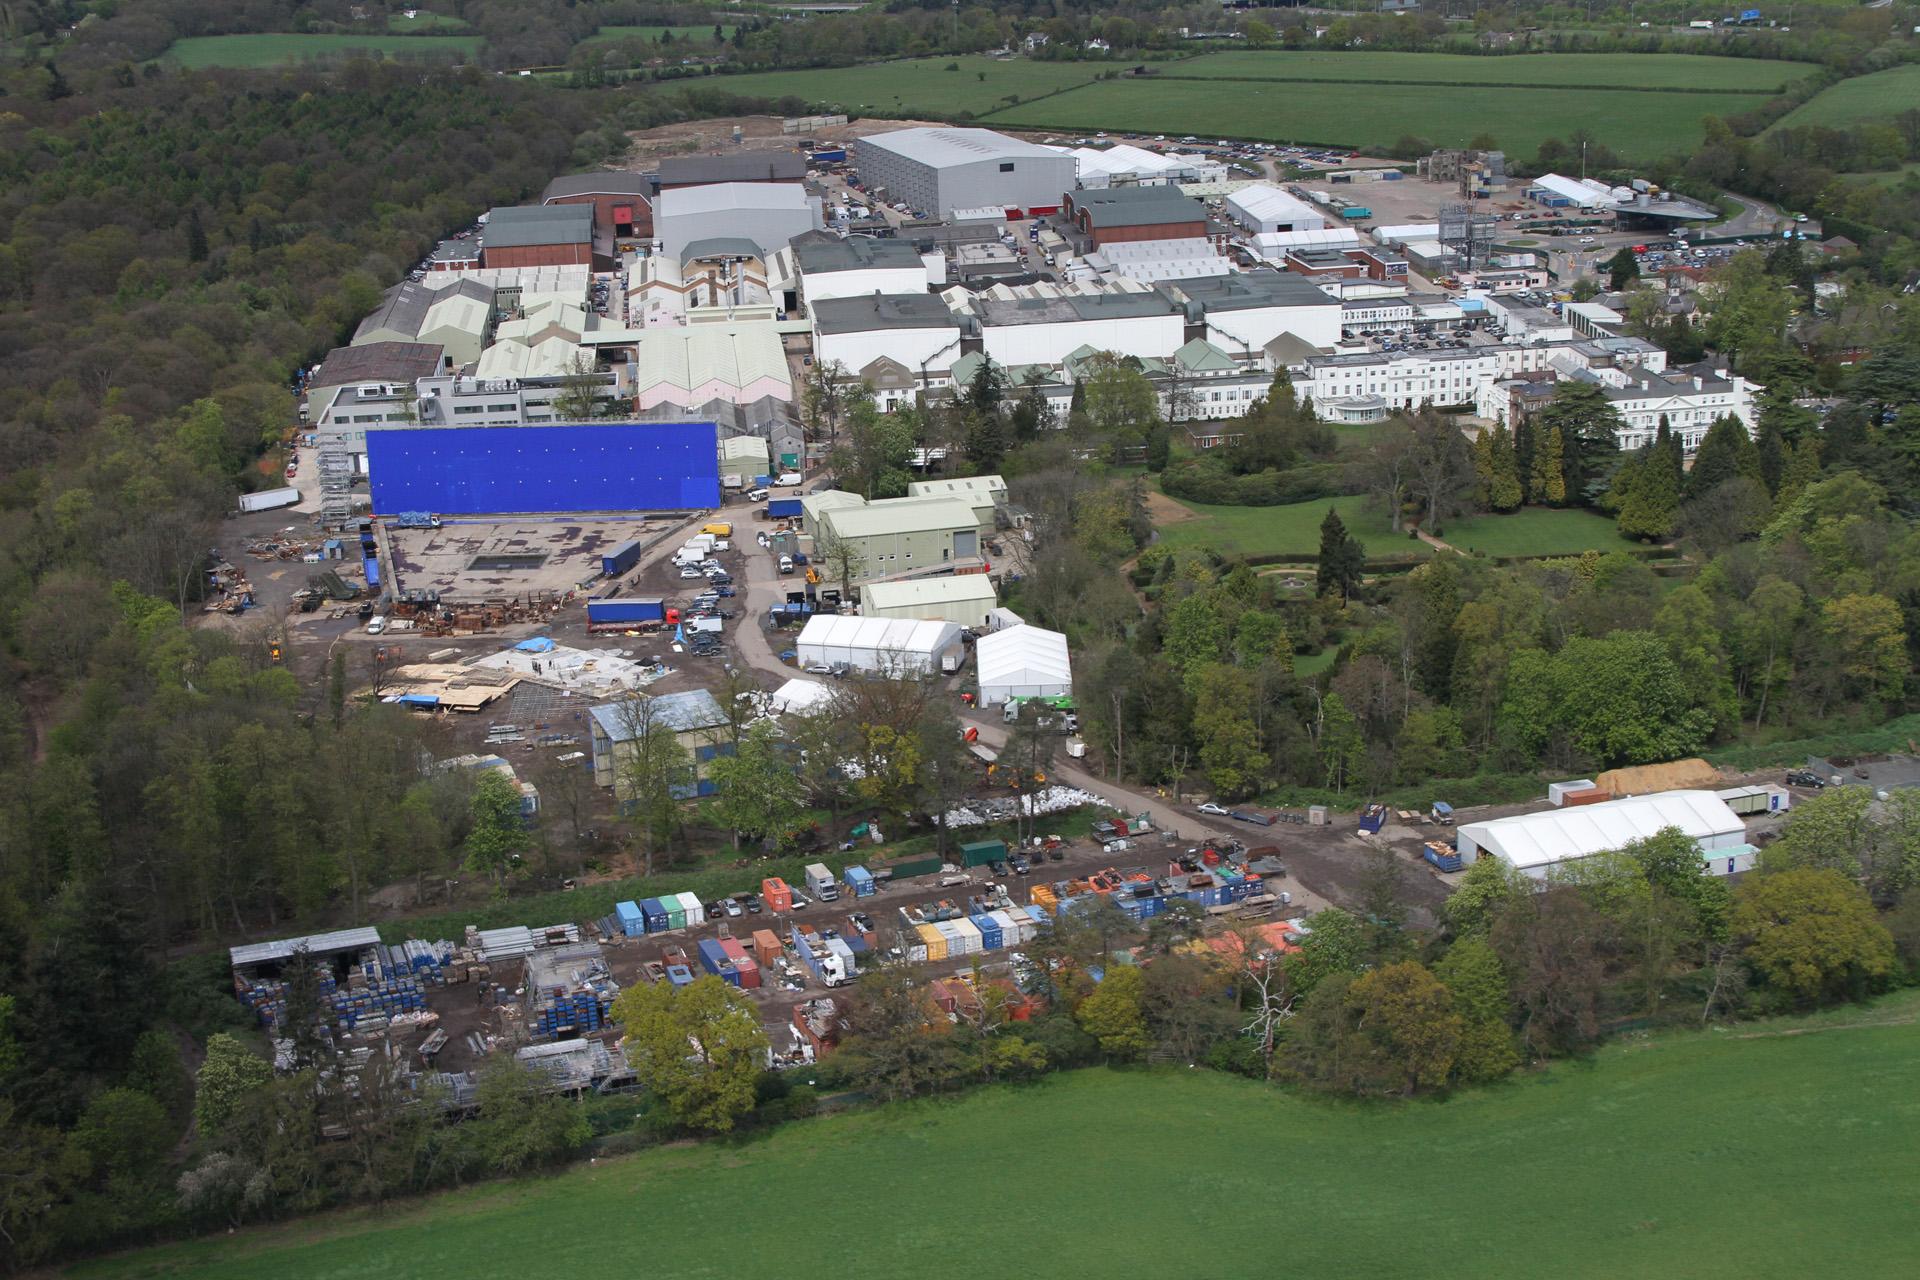 Vista aérea dos Estúdios Pinewood em Buckinghamshire, ao norte de Londres © RTS